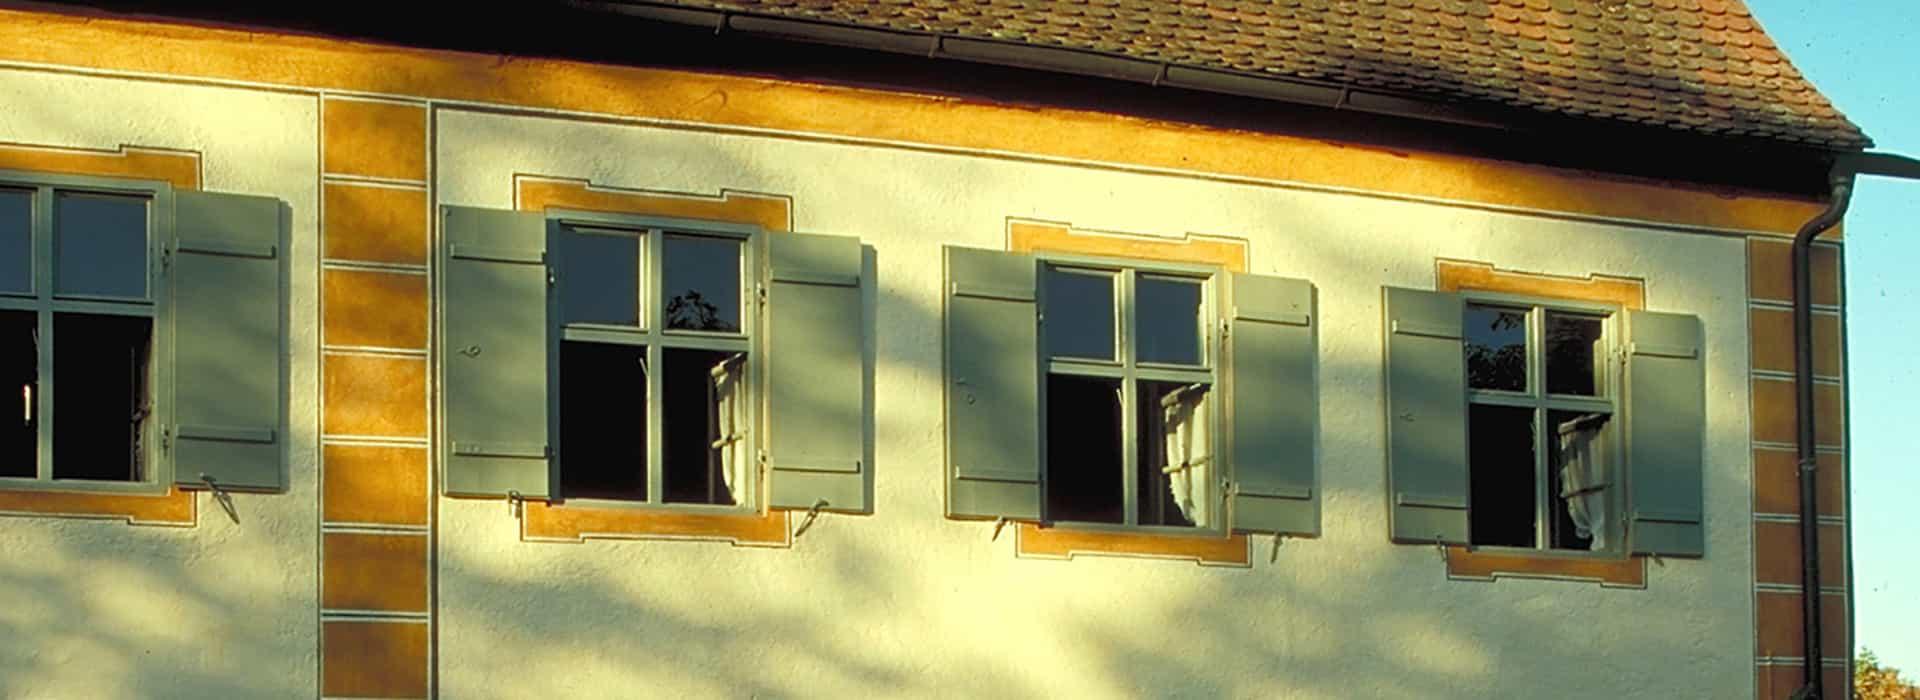 Hausfassade eines alten Schlosses